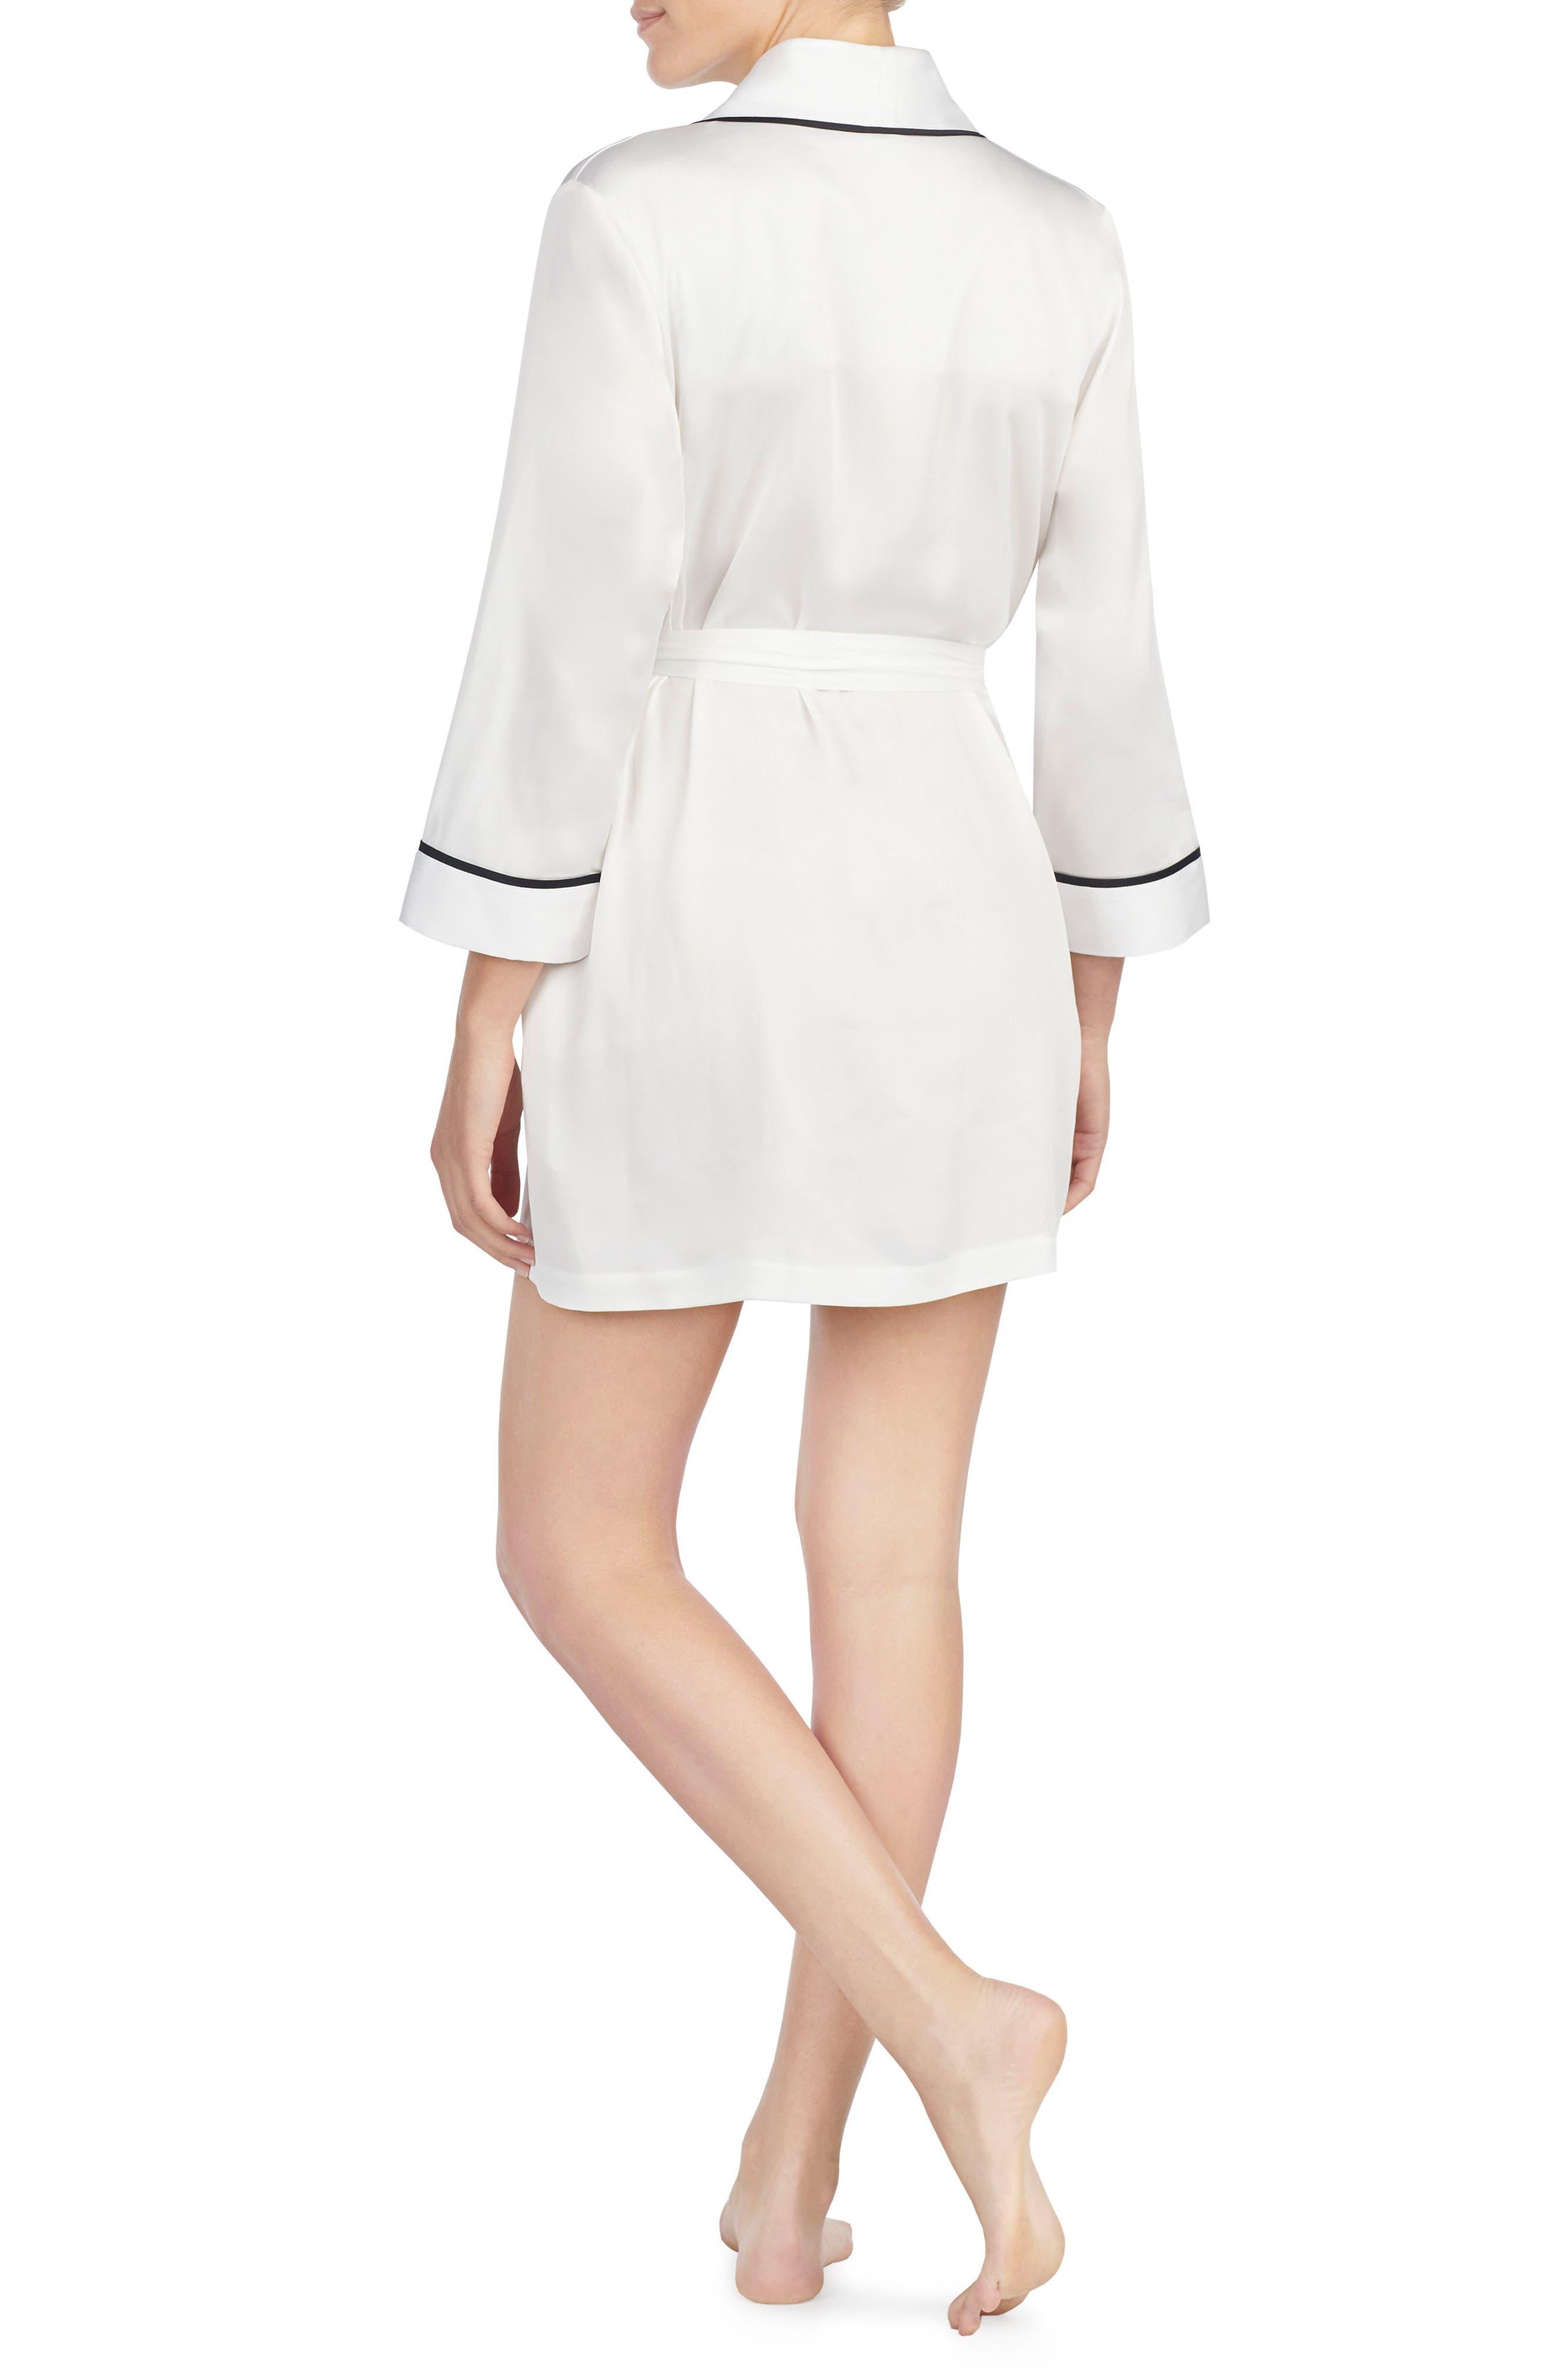 KATE SPADE NEW YORK, mrs charmeuse short robe, Alternate thumbnail 2, color, OFF WHITE